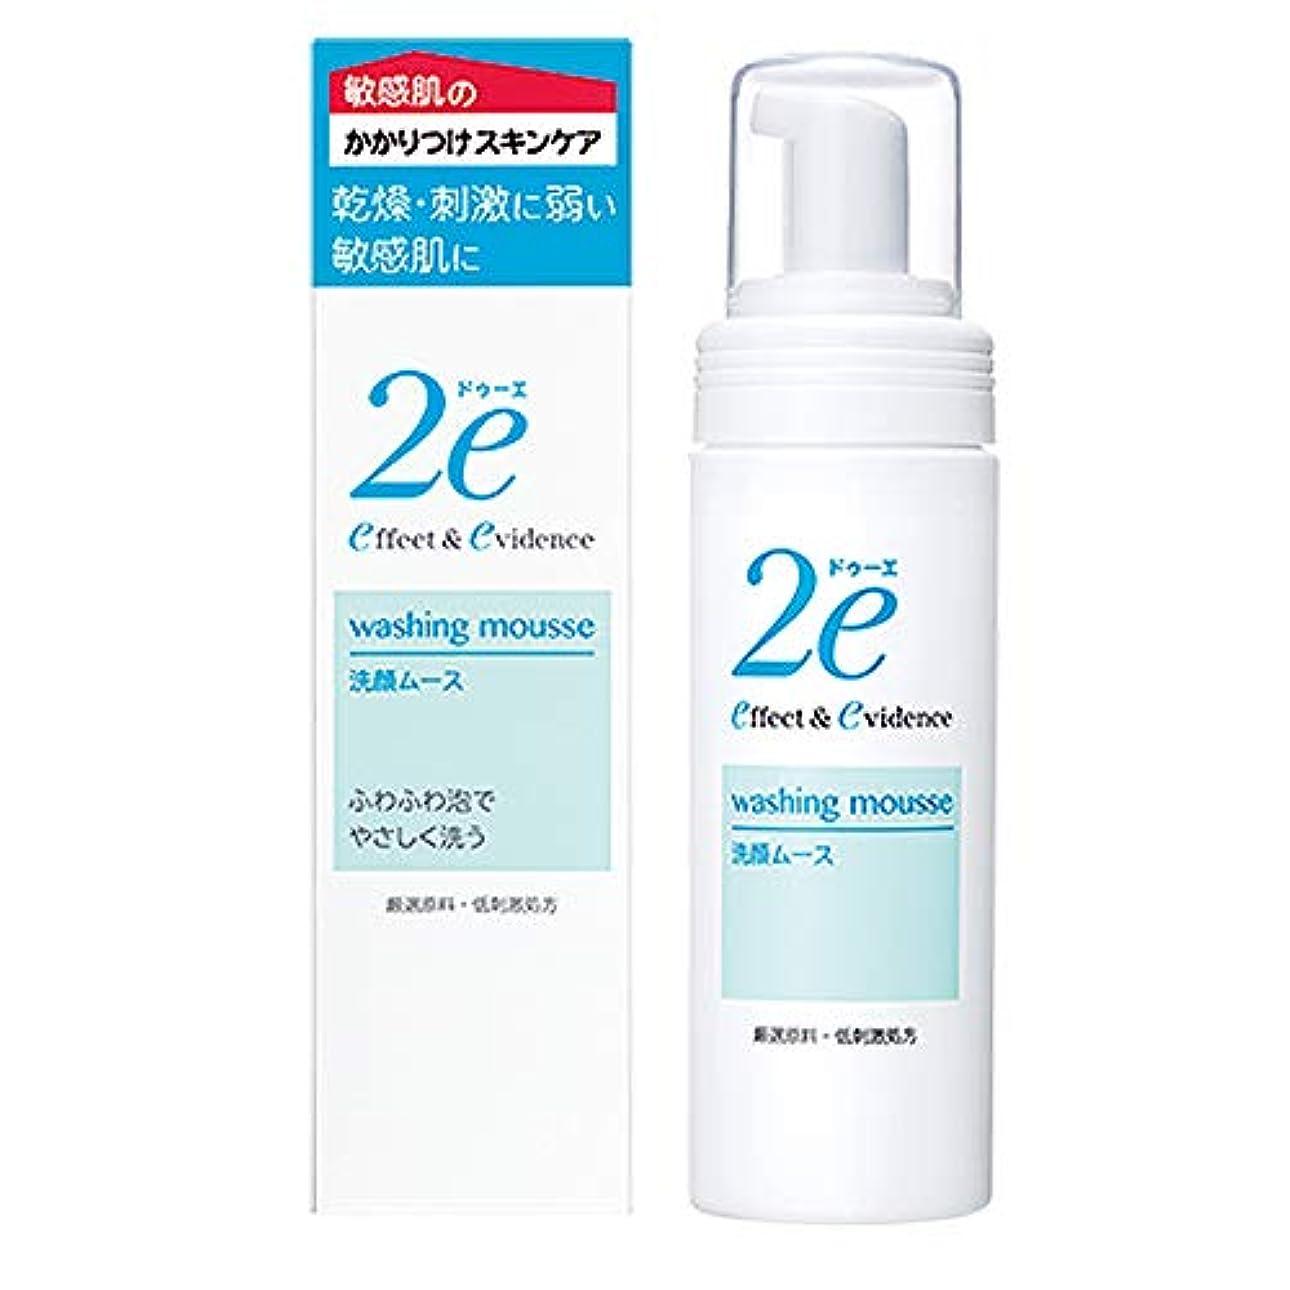 裏切りボトルネック五月2e(ドゥーエ) 洗顔ムース 敏感肌用洗顔料 低刺激処方 泡で出てくるポンプタイプ 120ml